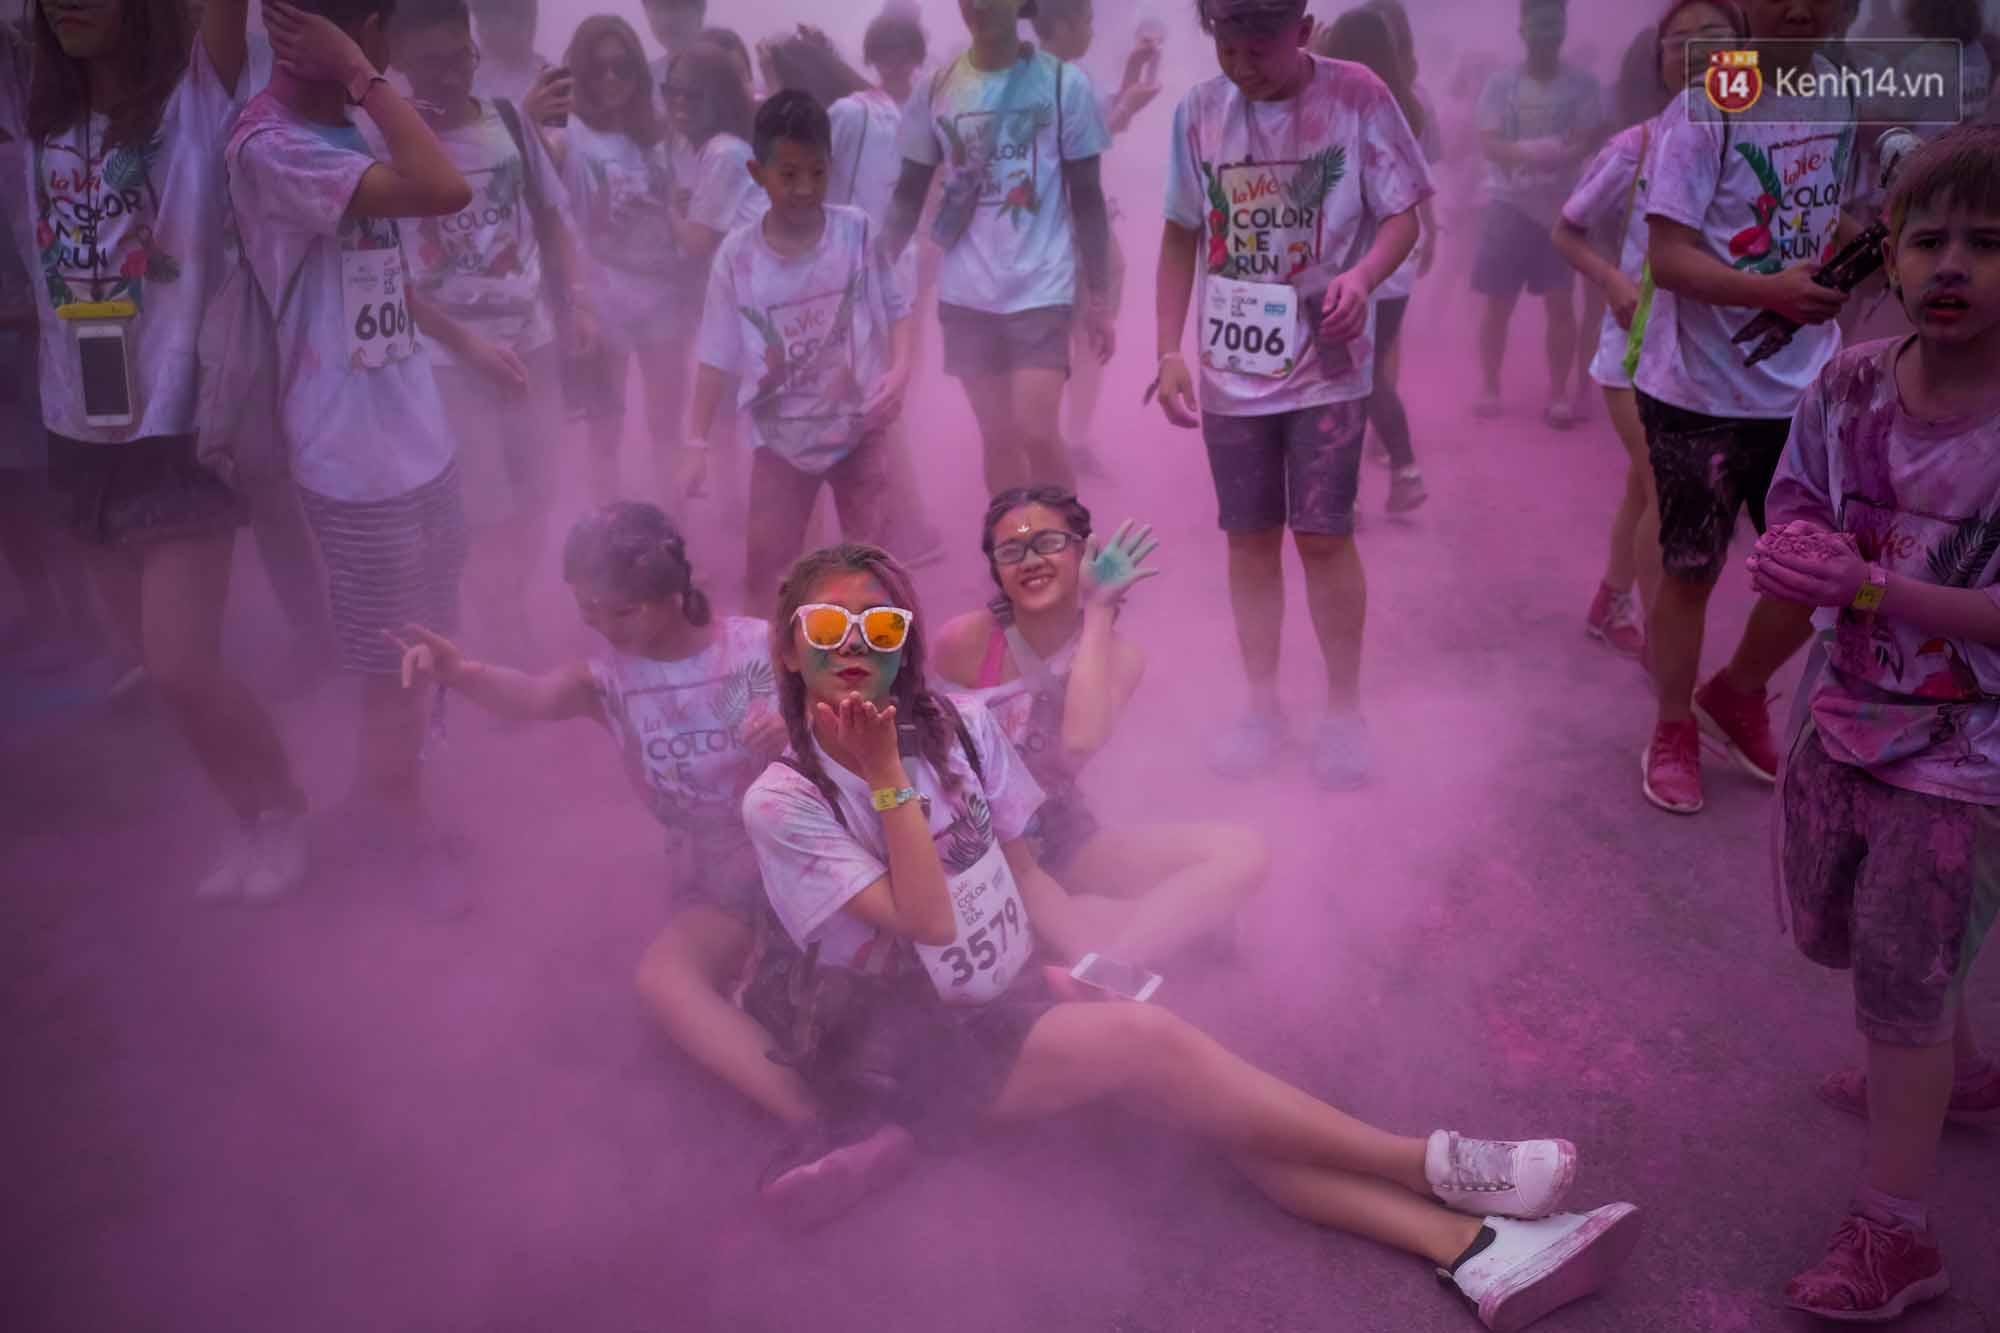 Những khoảnh khắc chứng minh đi Color Me Run lúc nào cũng vui và được quẩy hết mình! - Ảnh 8.